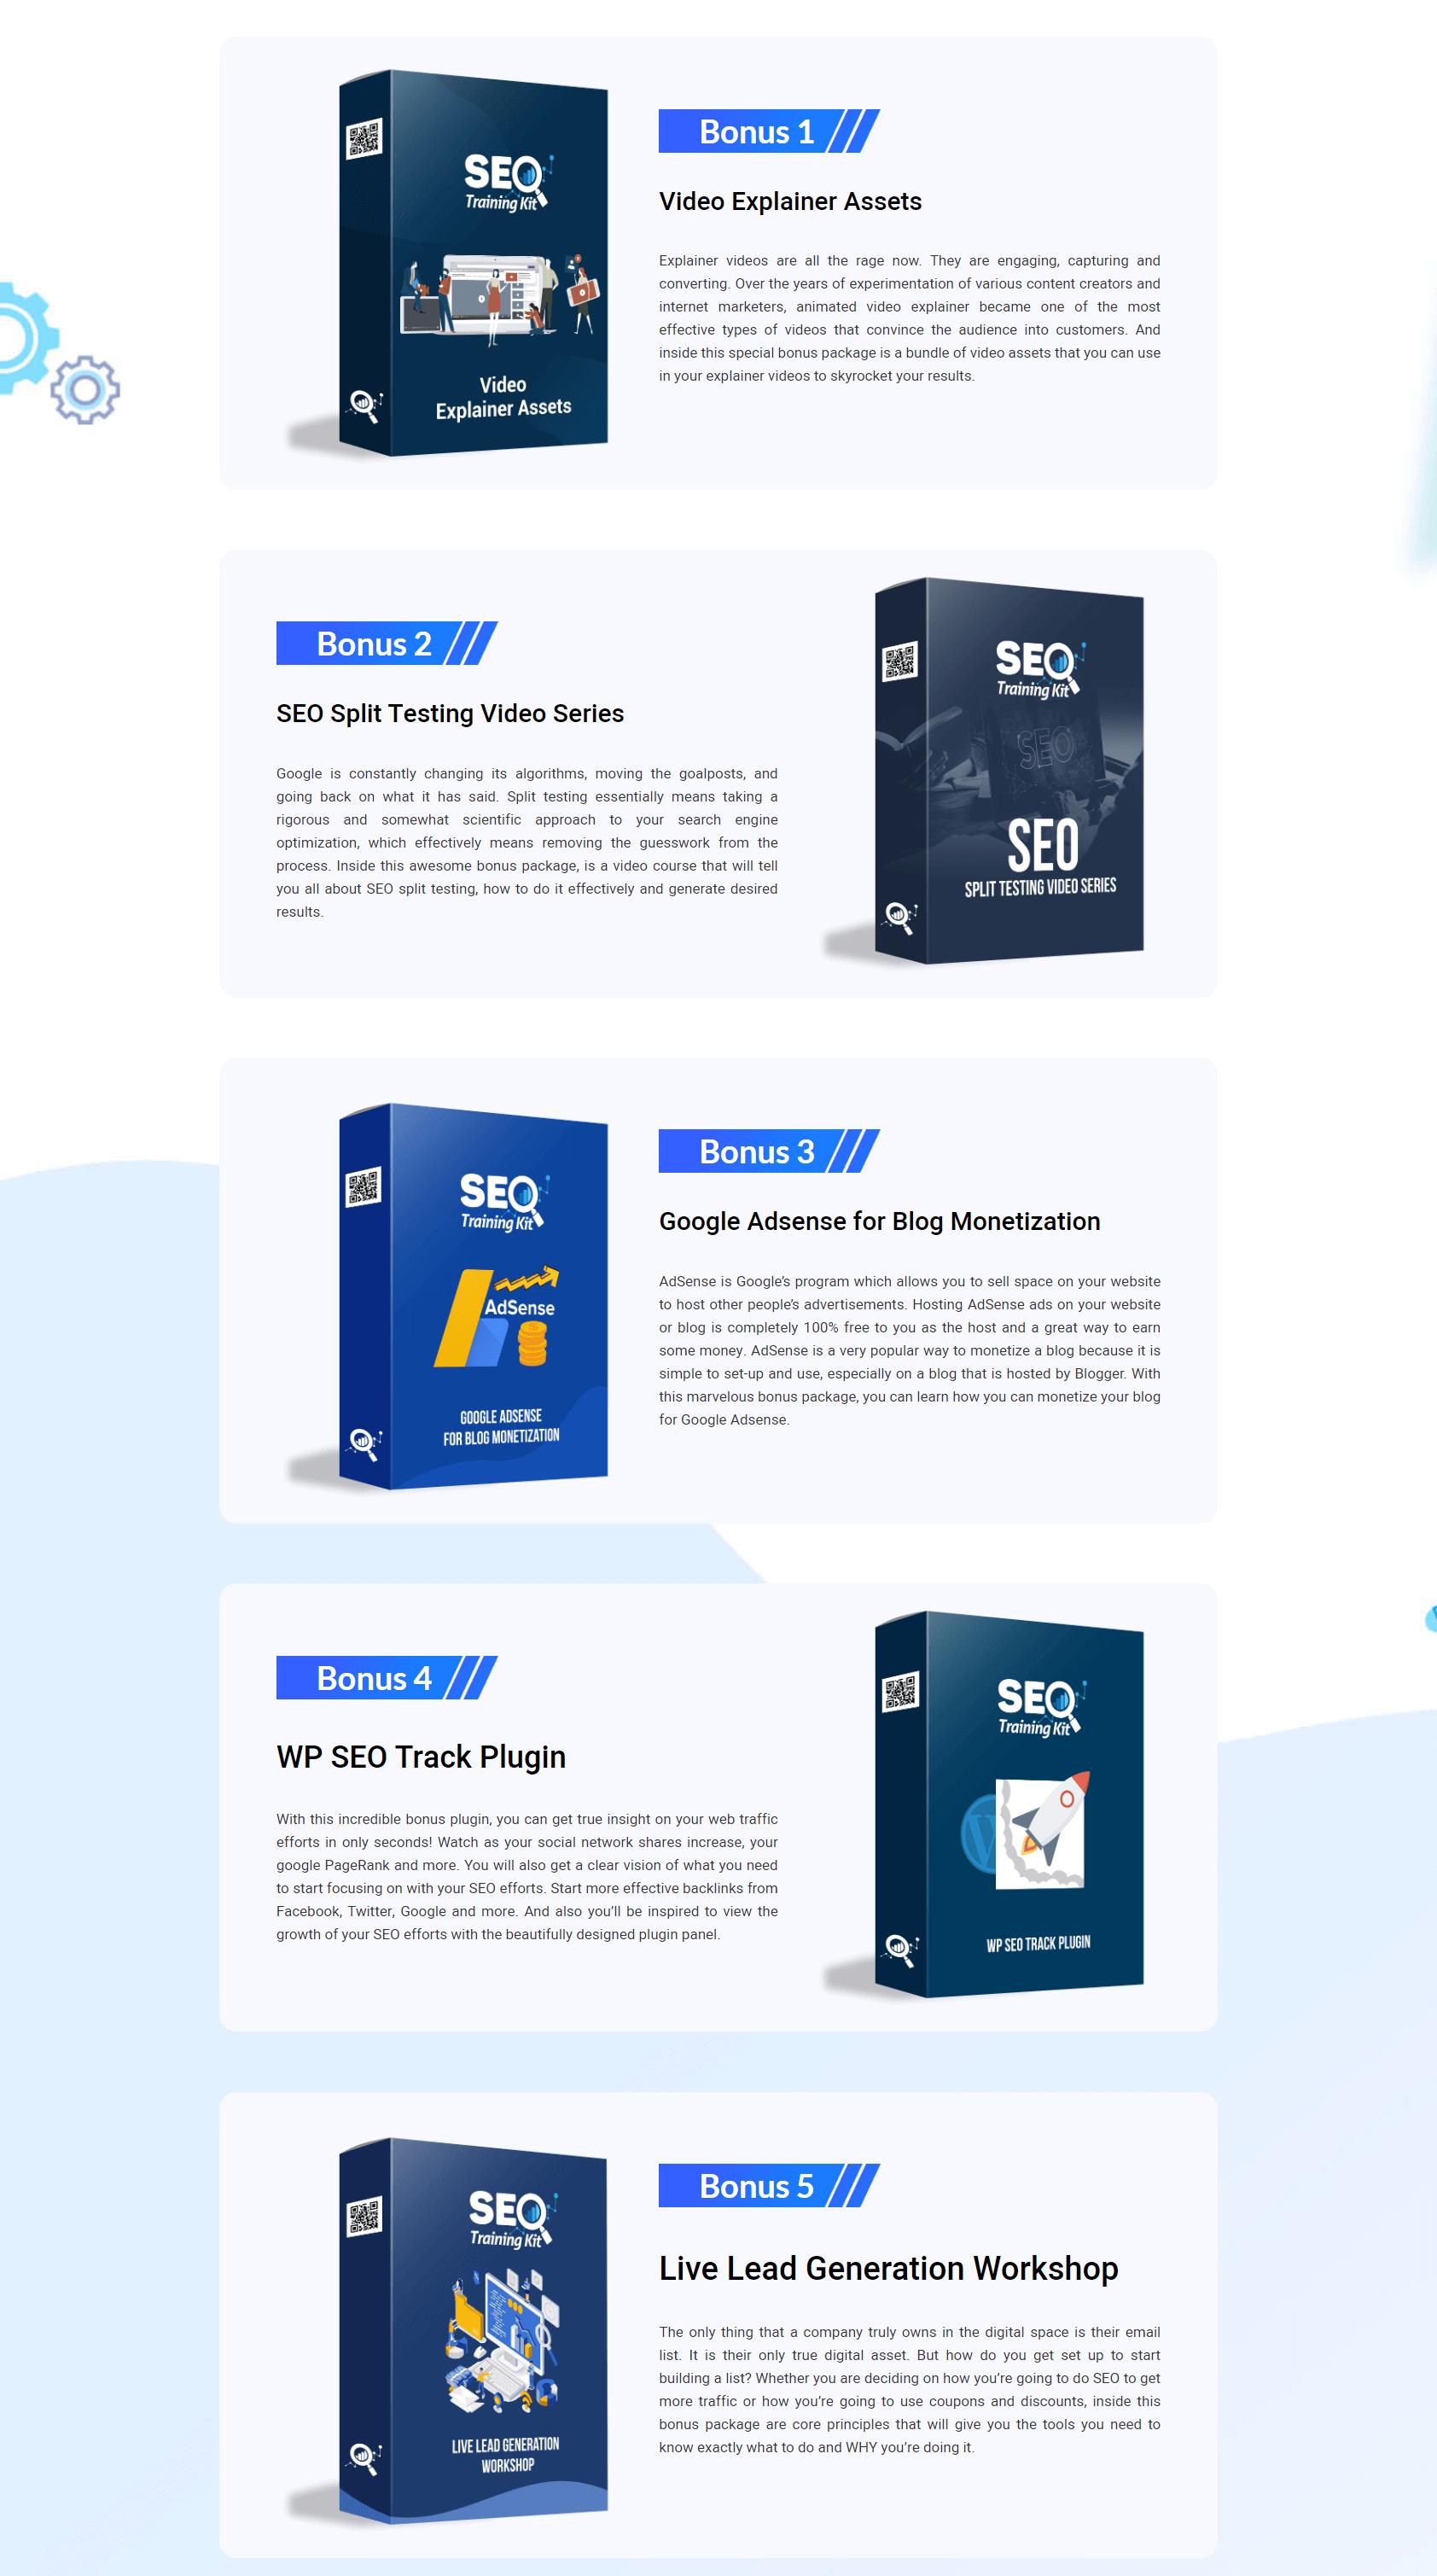 SEO-Training-Kit-Bonuses